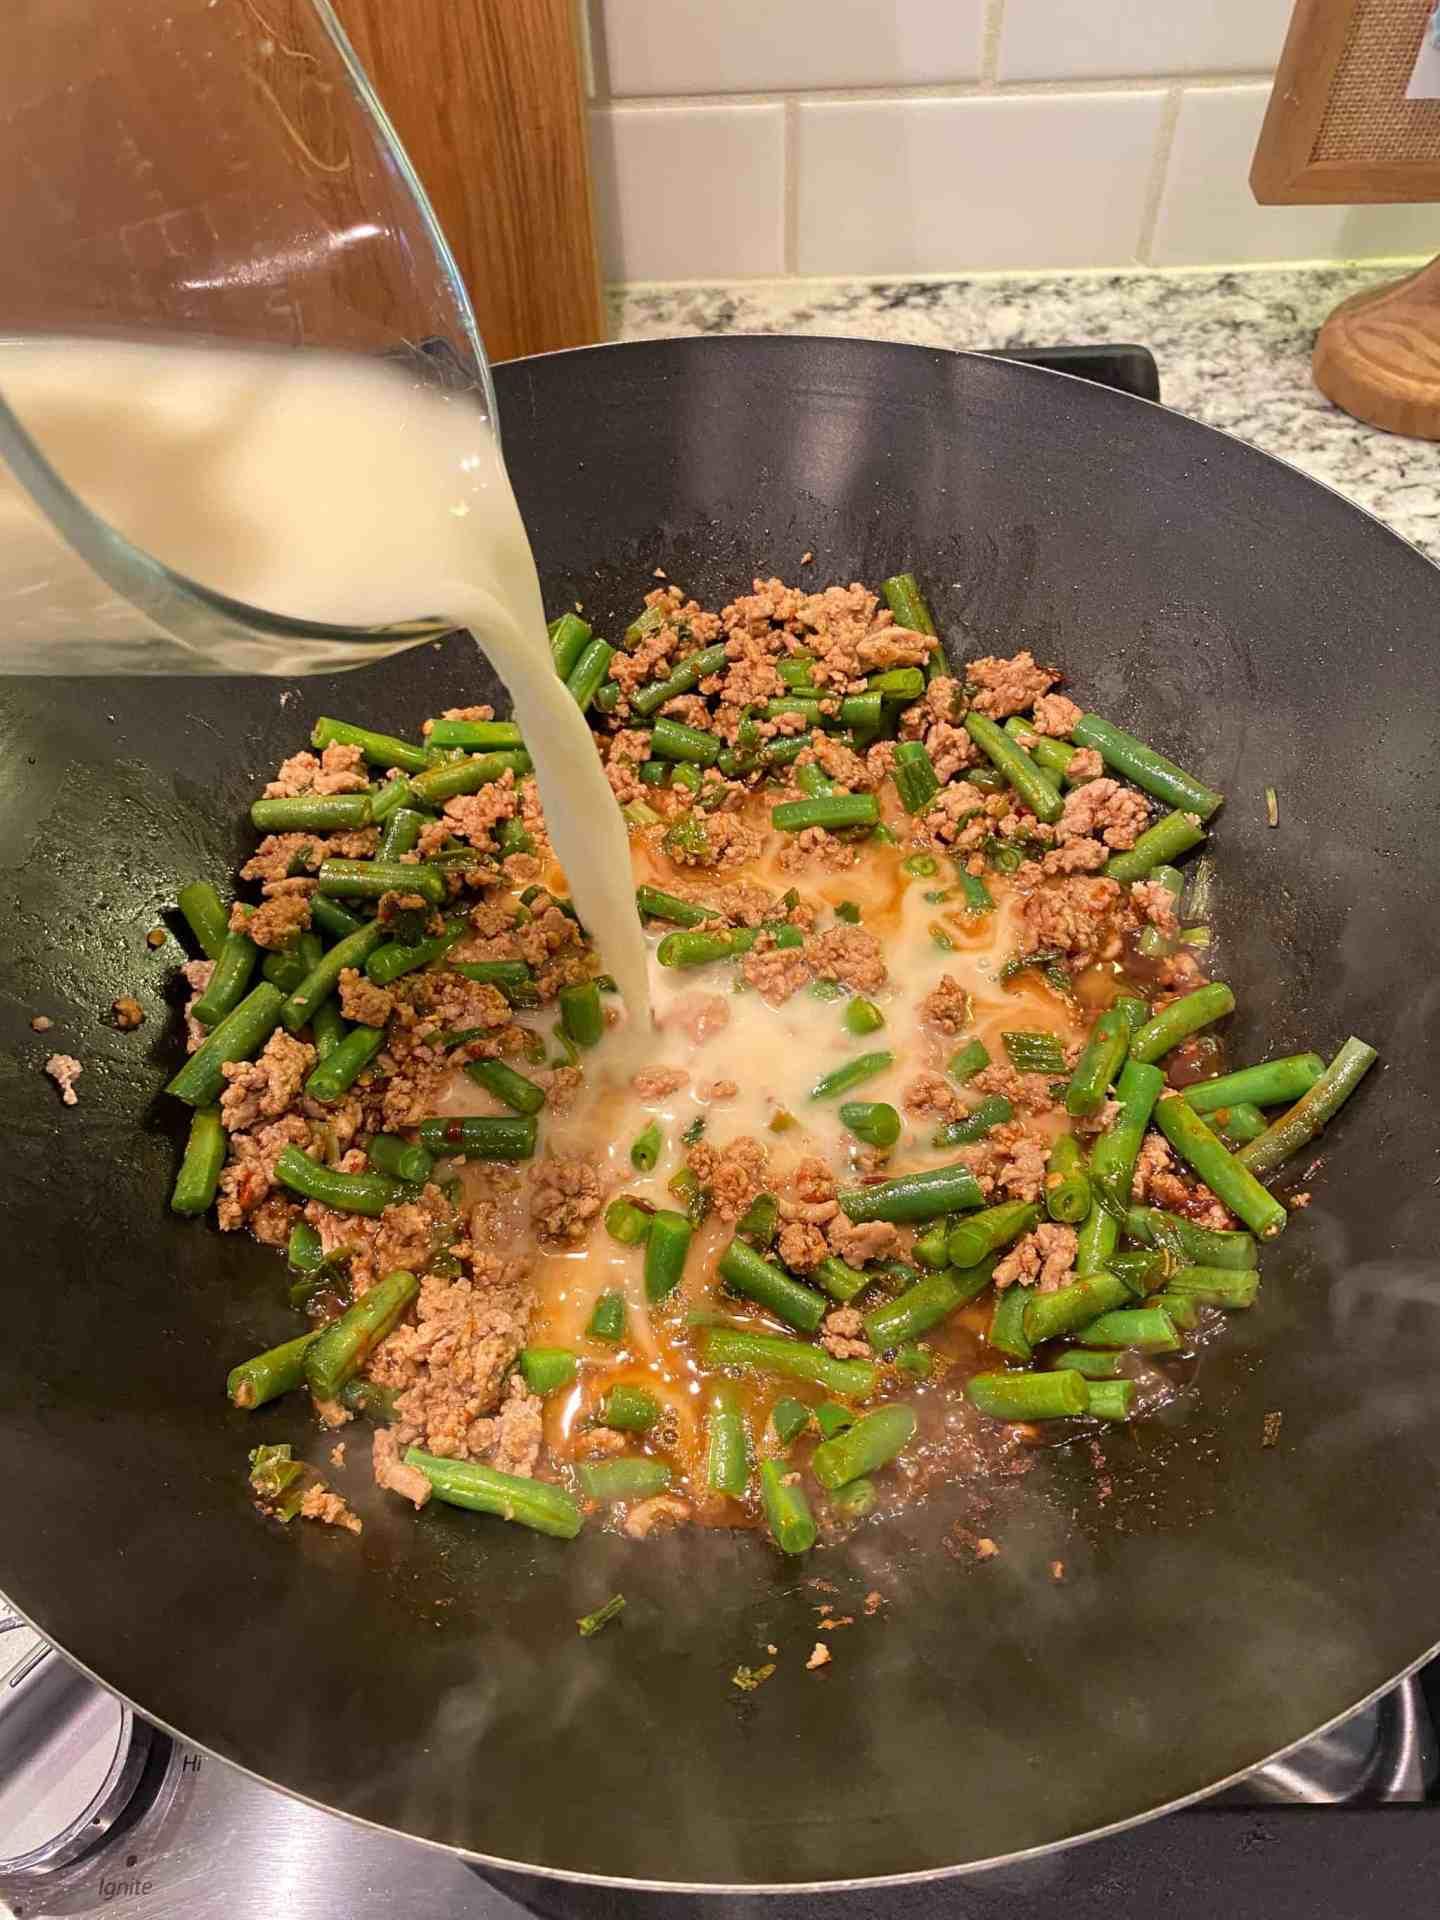 add-slurry-to-thicken-stir-fry